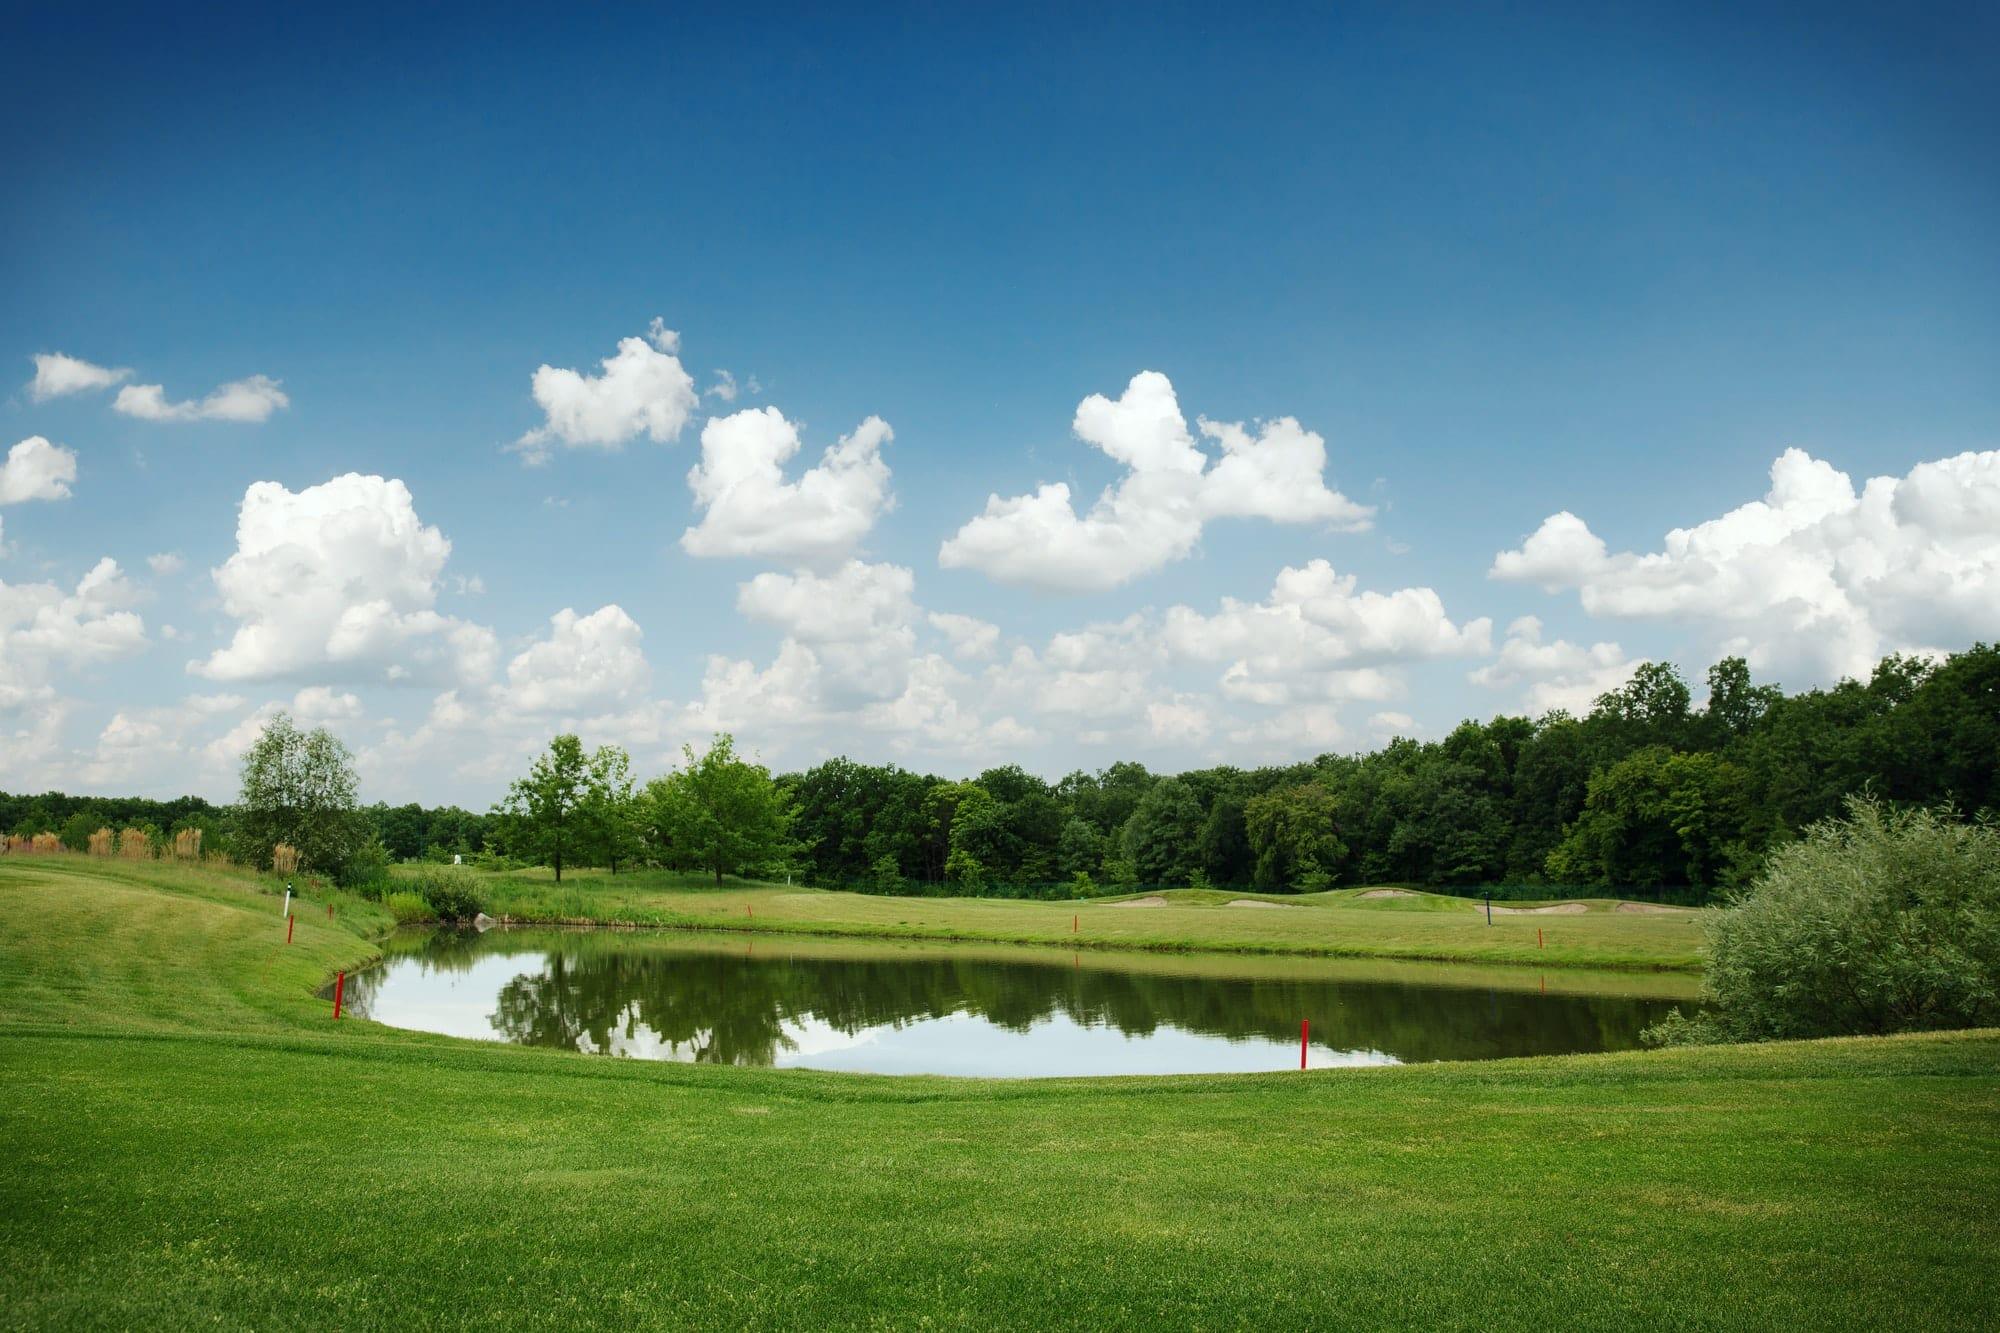 Ein Golfplatz gleicht dem anderen? Sind alle Golfplätze gleich?